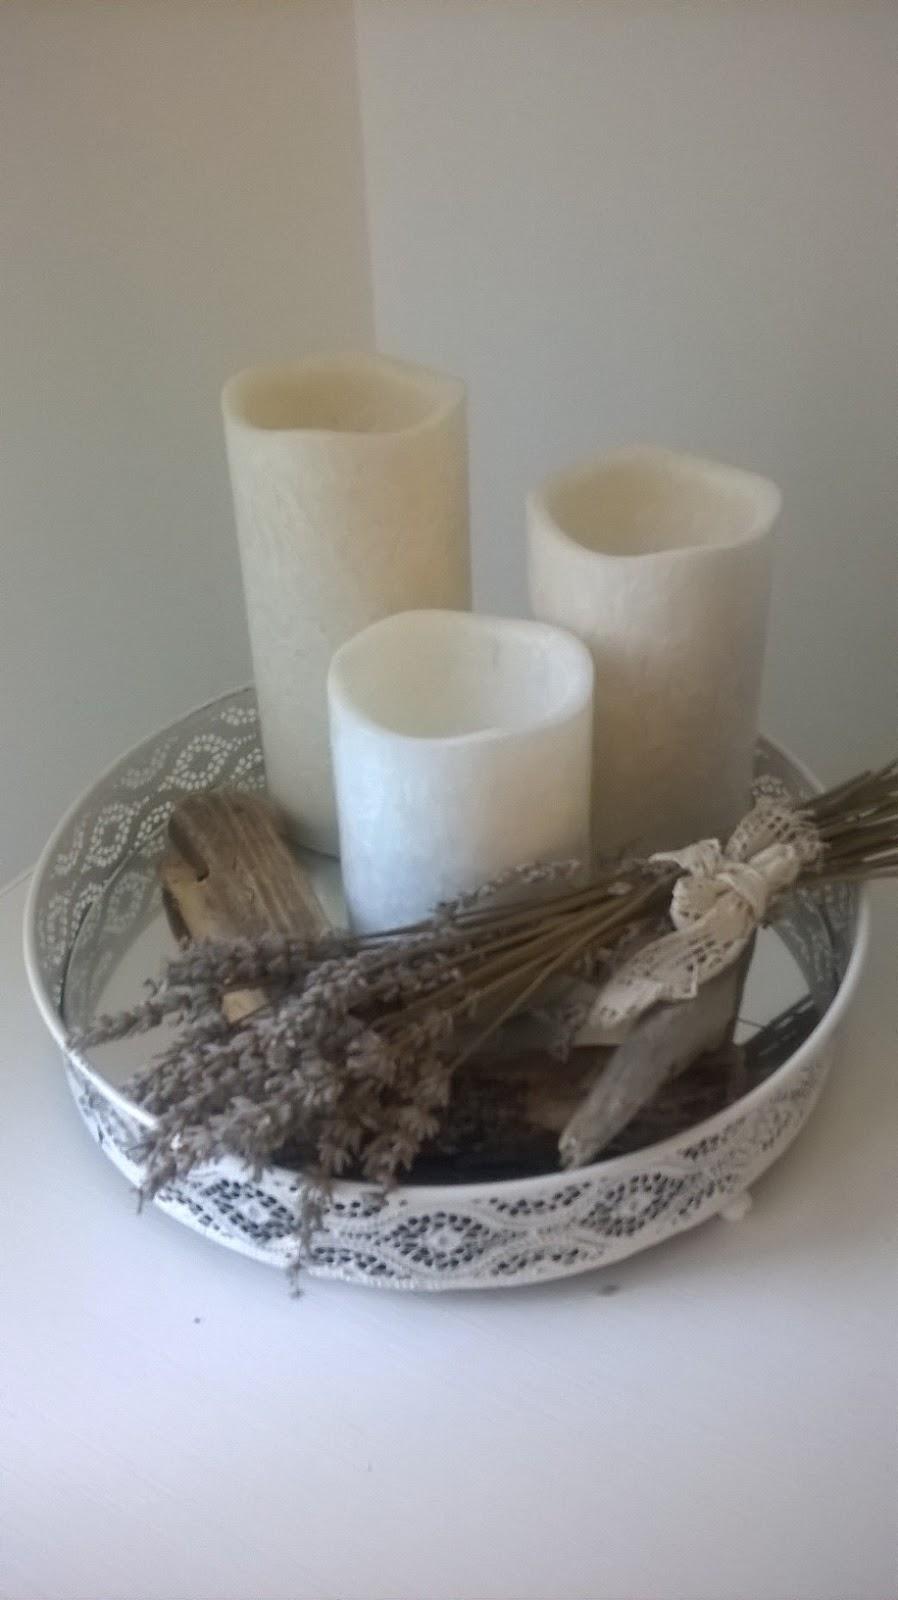 avec un plateau miroir et des bougies LED Action. J\u0027ai simplement  ajouté un bouquet de lavande offert par une amie et du bois flotté que l\u0027on  m\u0027a